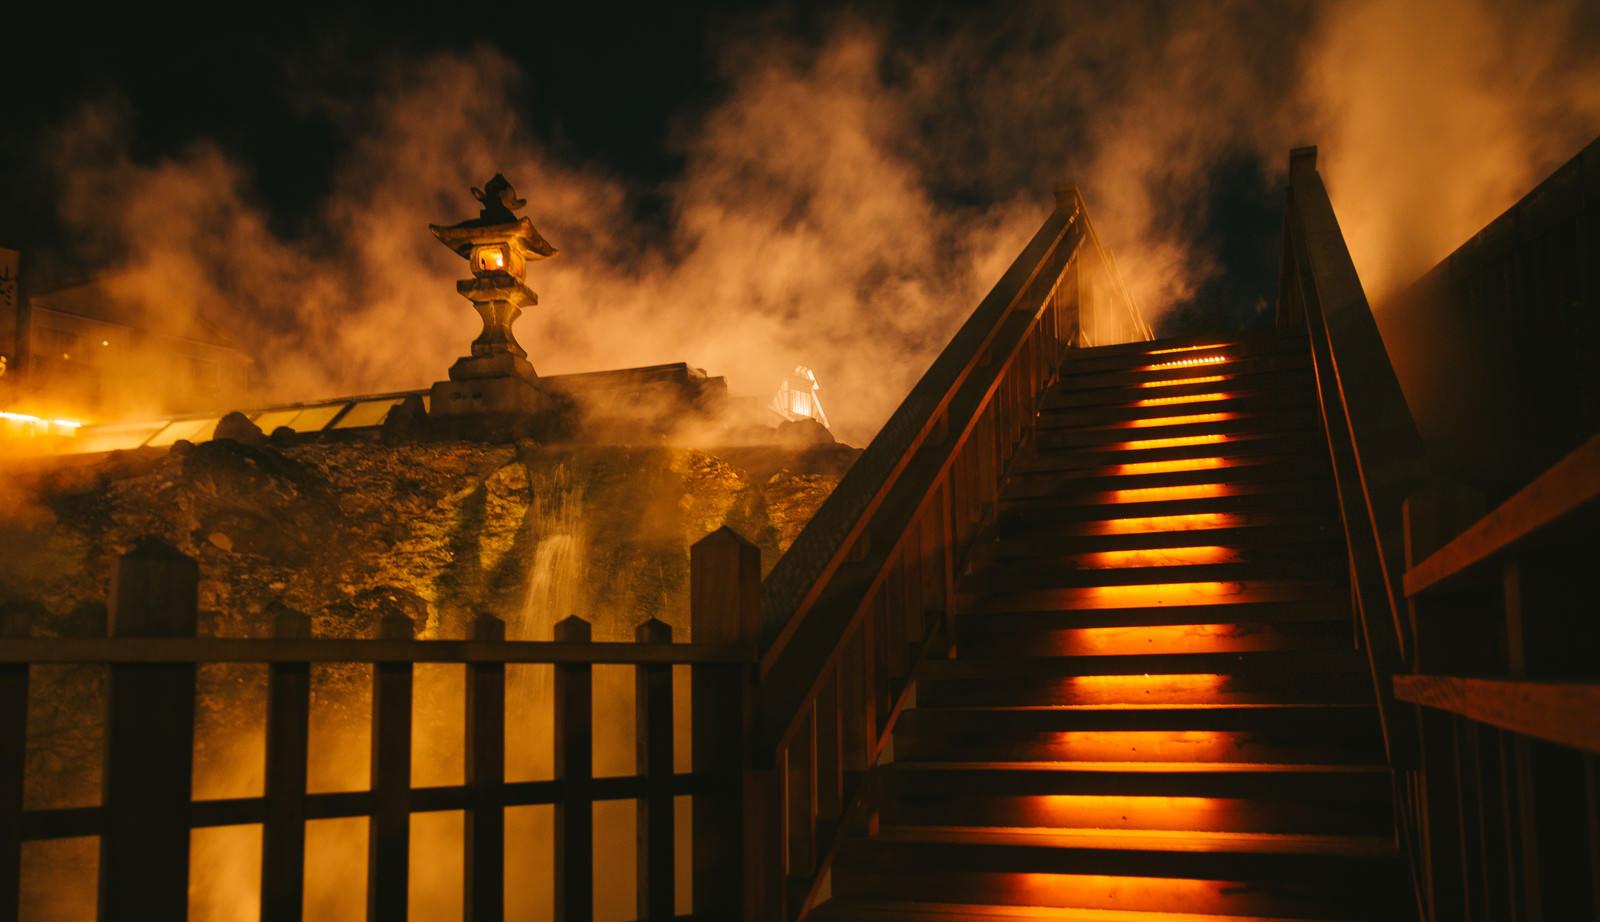 「蒸気に包まれる草津温泉中心部(夜間)」の写真